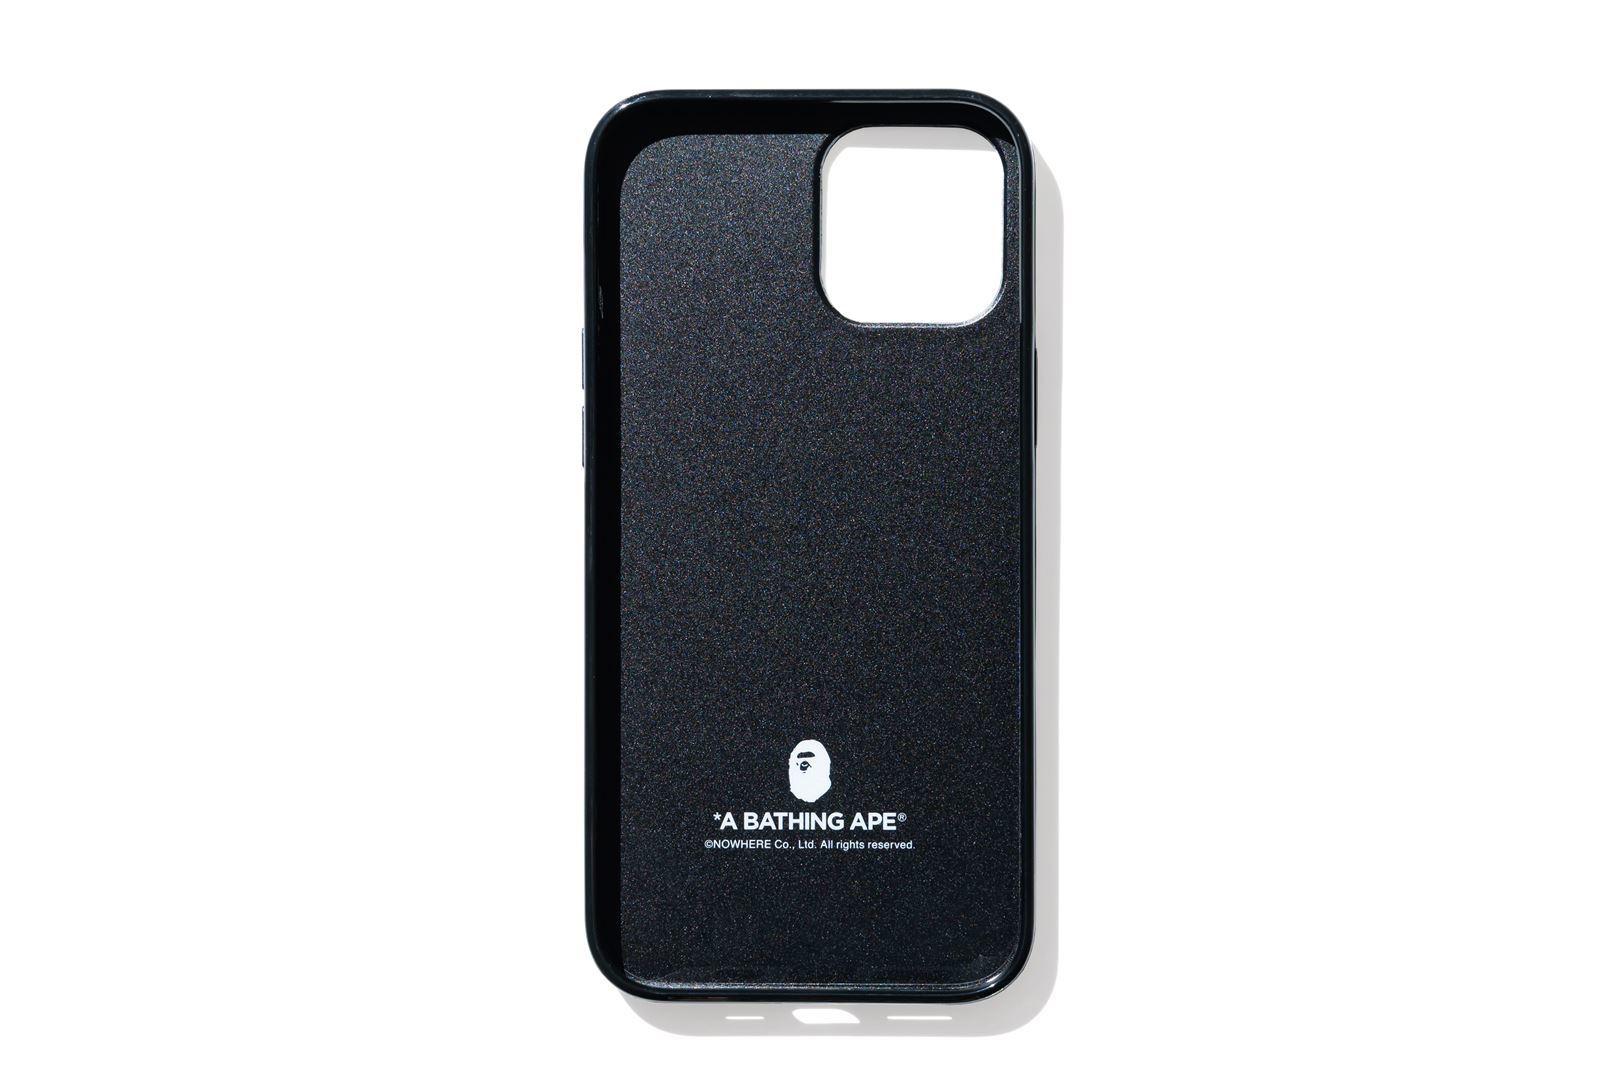 ABC CAMO iPhone 12 / 12 PRO / 12 PRO MAX / 12 MINI CASE_a0174495_13573841.jpg